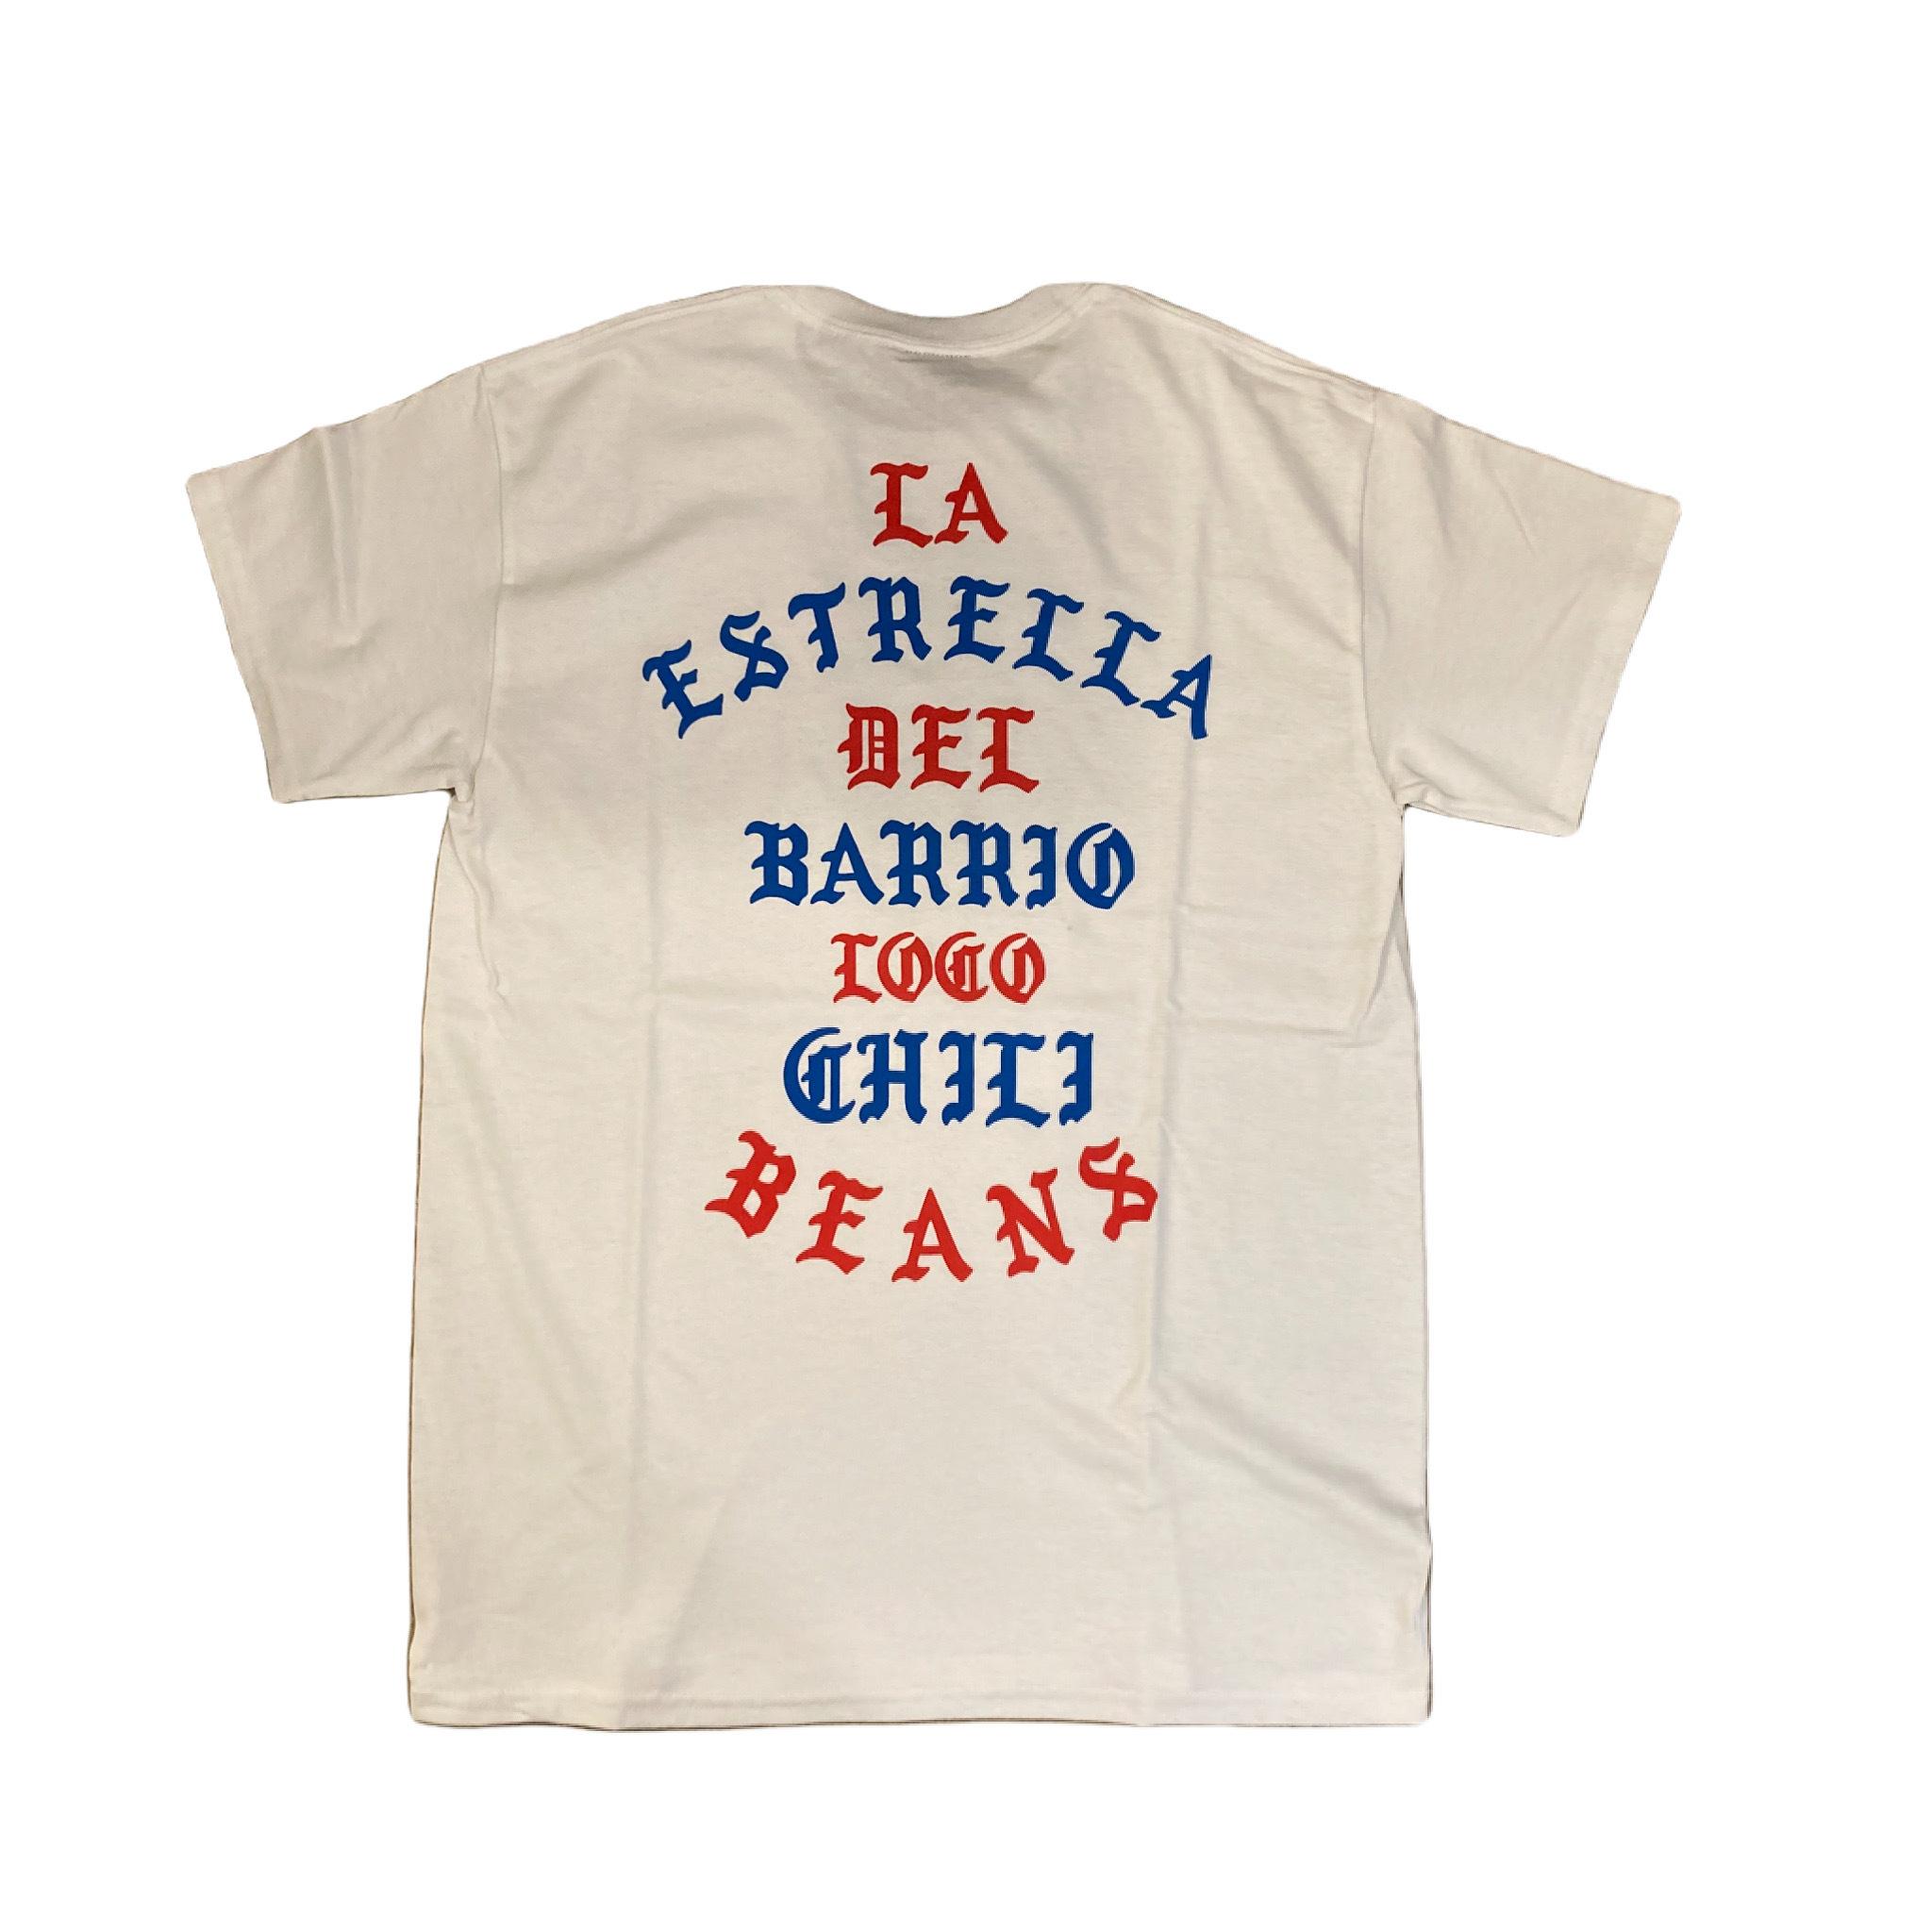 CHILI BEANS #La Estrella Del Barrio Tee La